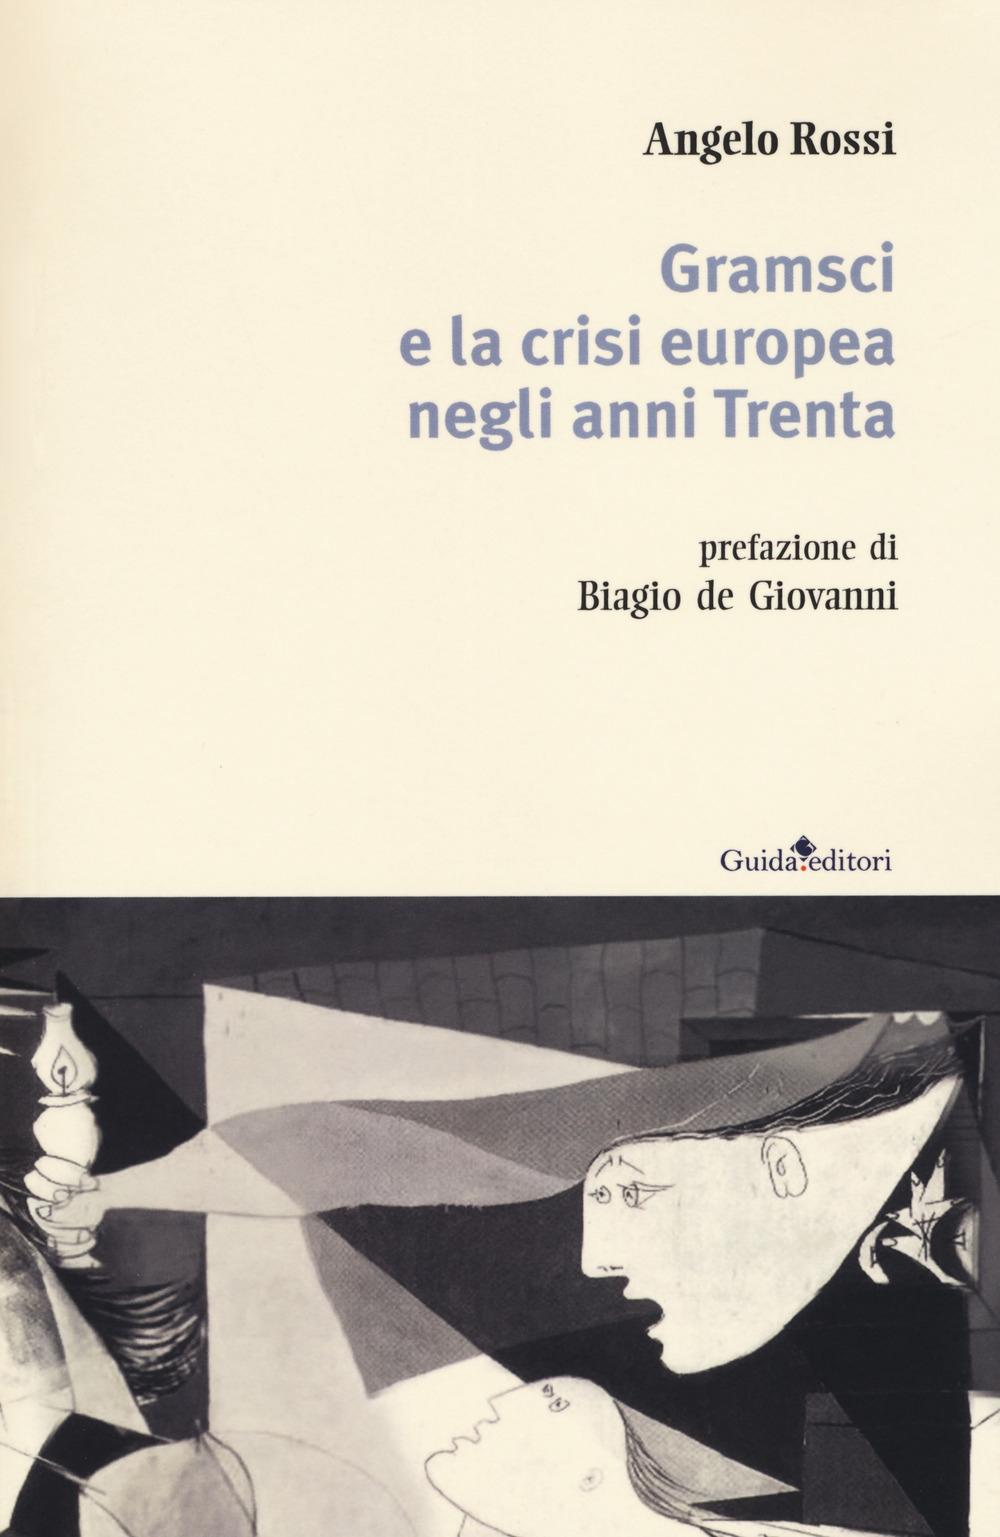 Gramsci e la crisi europea negli anni Trenta